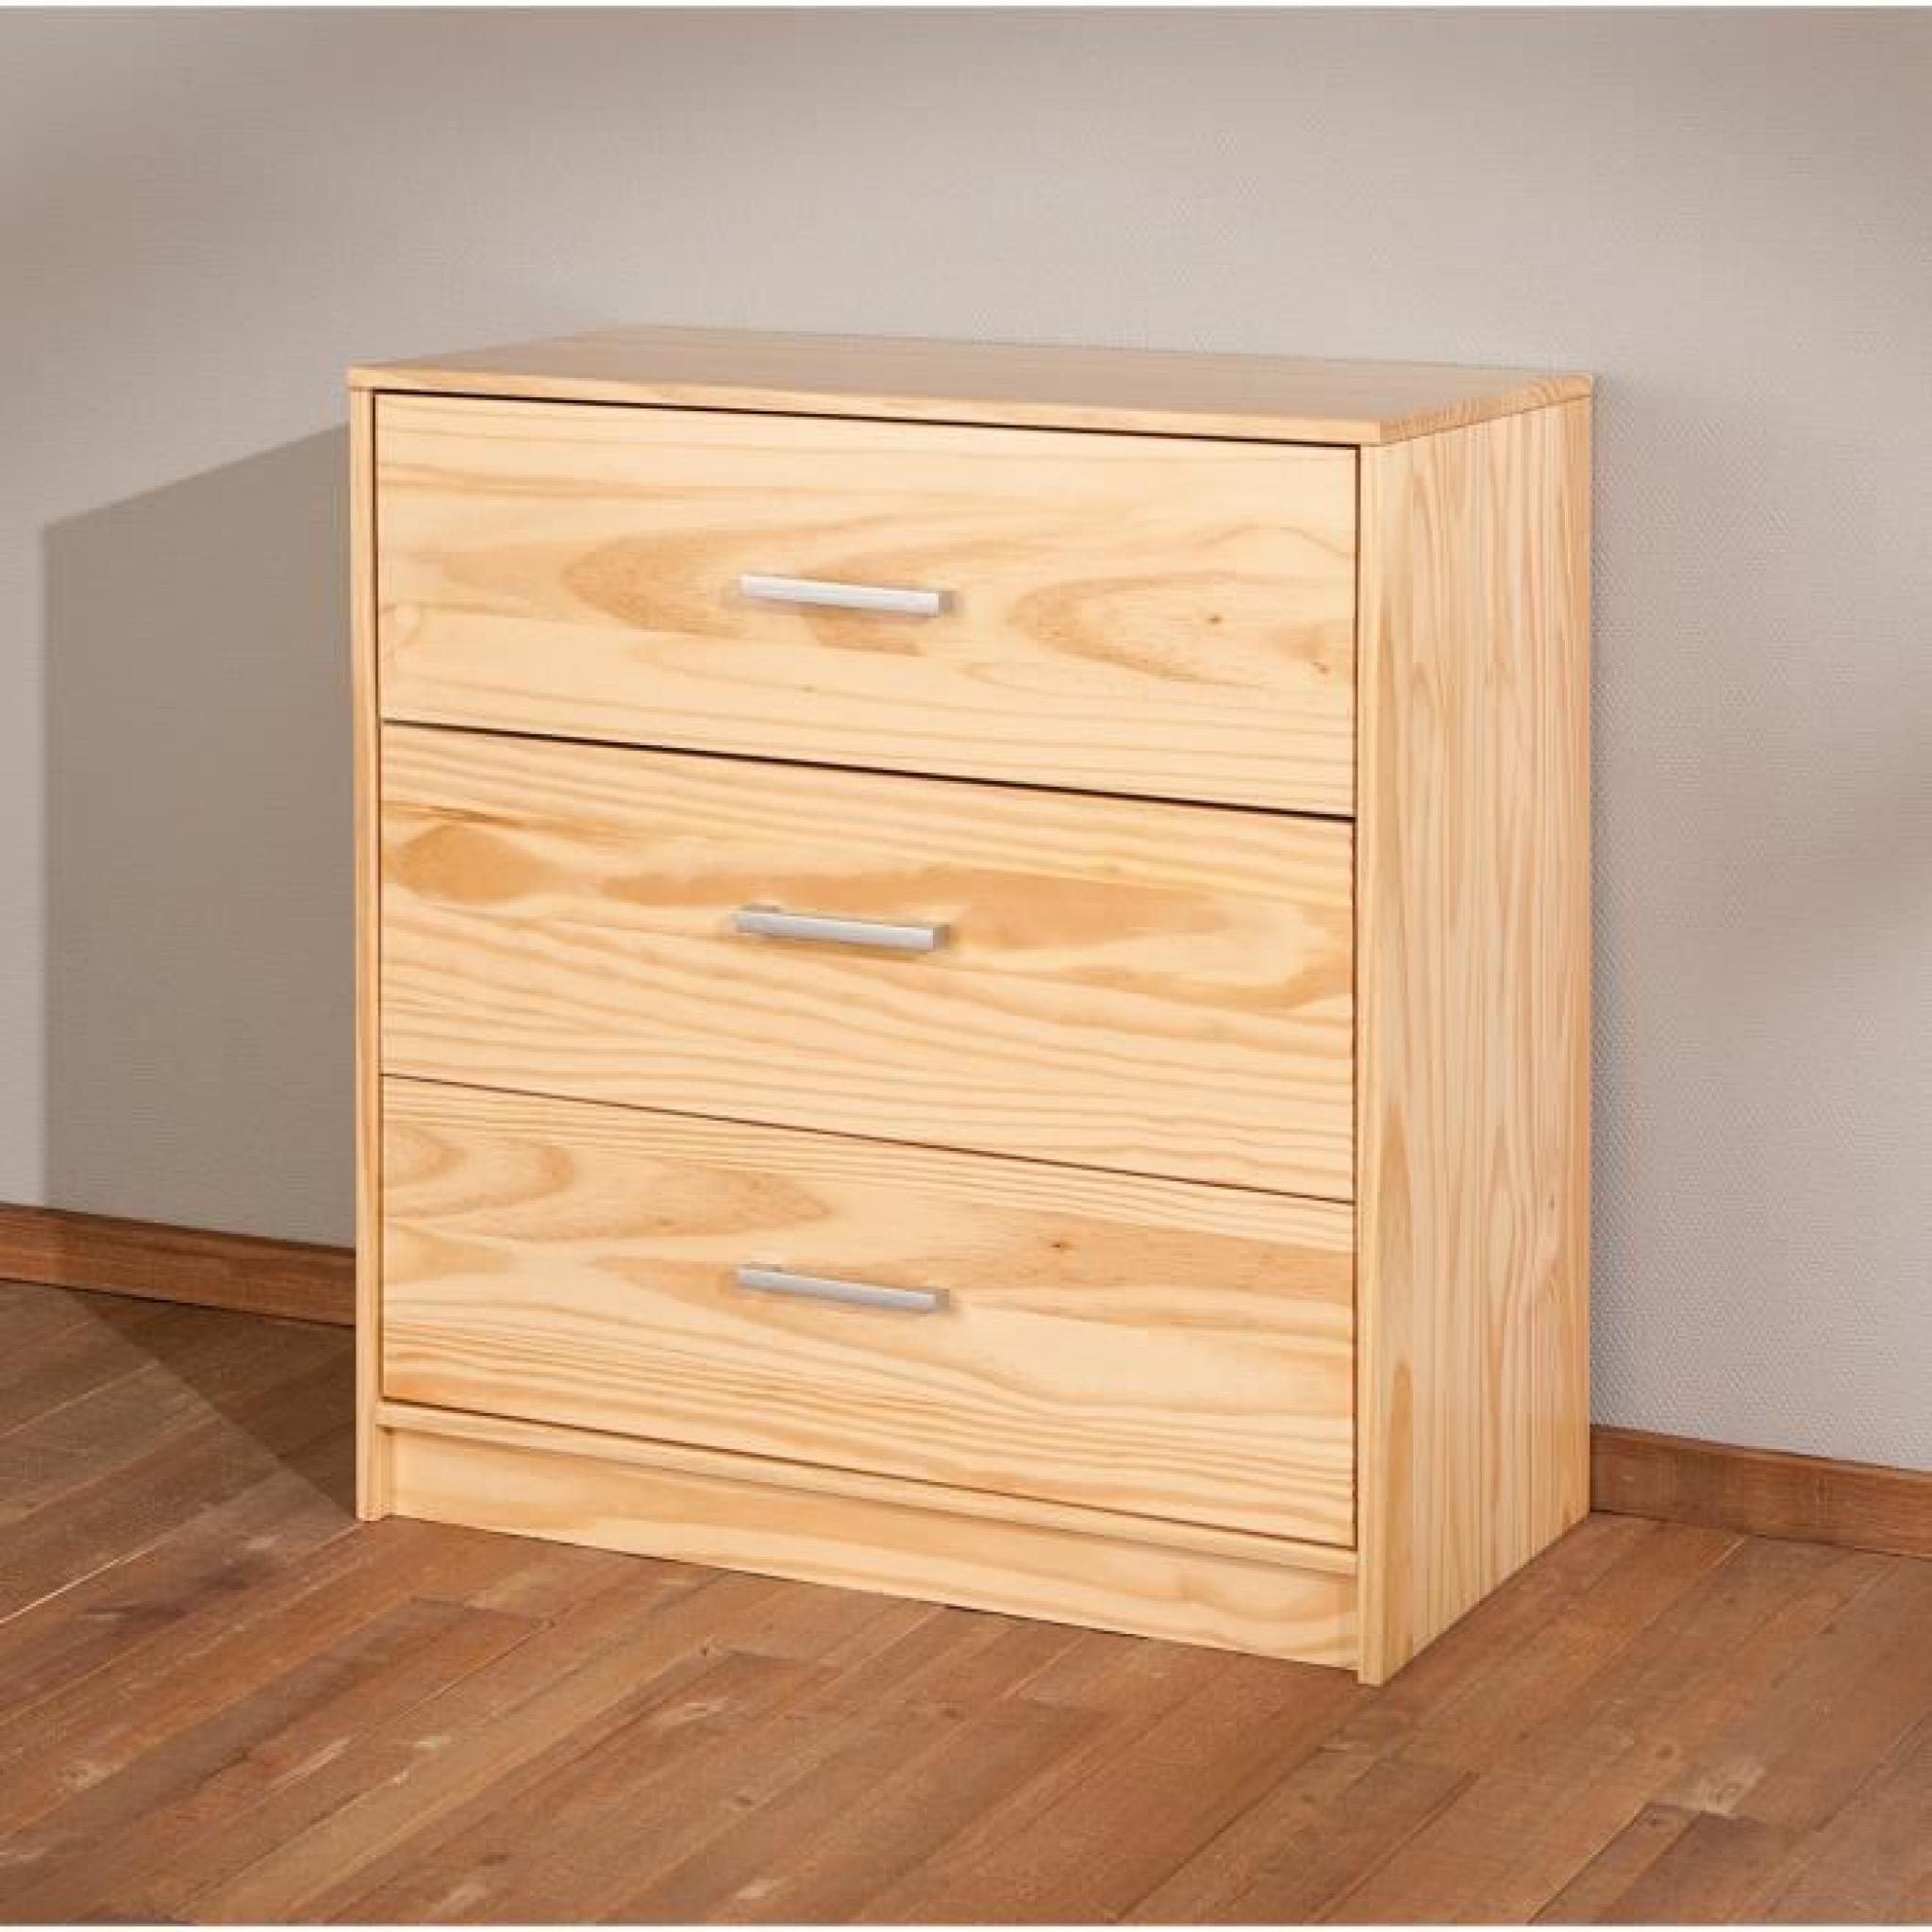 commode a 3 tiroirs en bois pin massif achat vente commode pas cher couleur et design fr